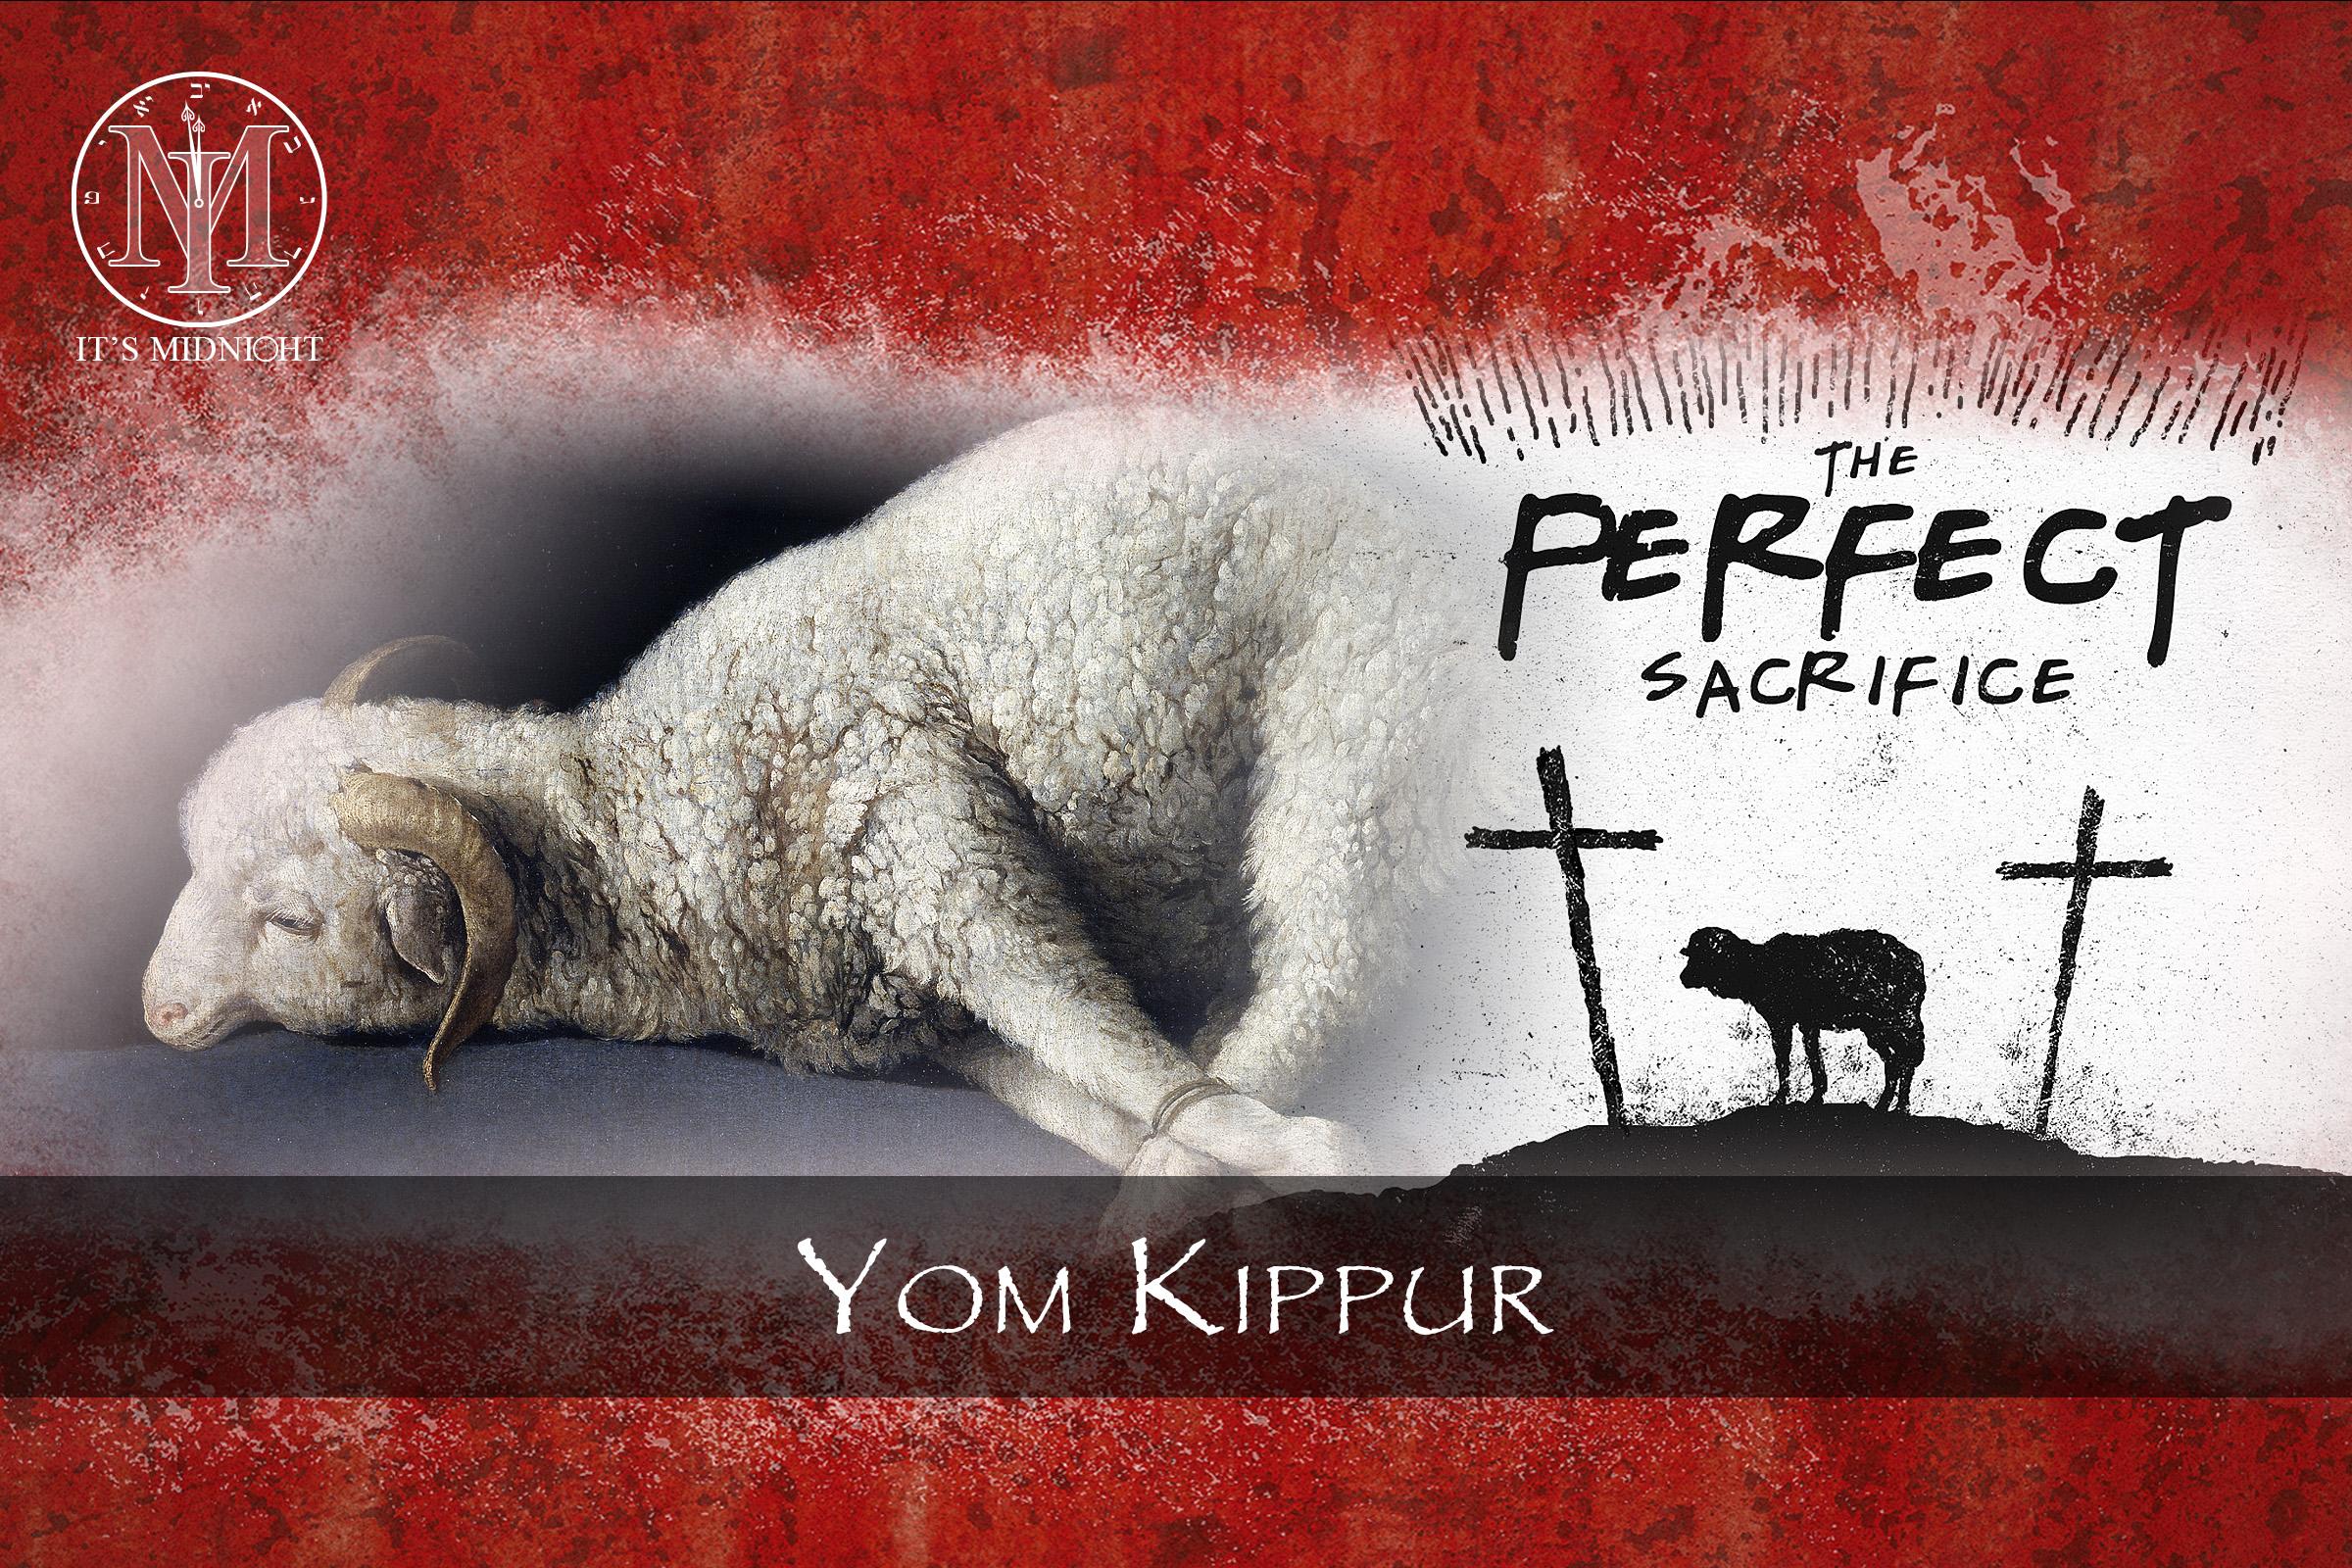 Yom Kippur Thumbnail.jpg